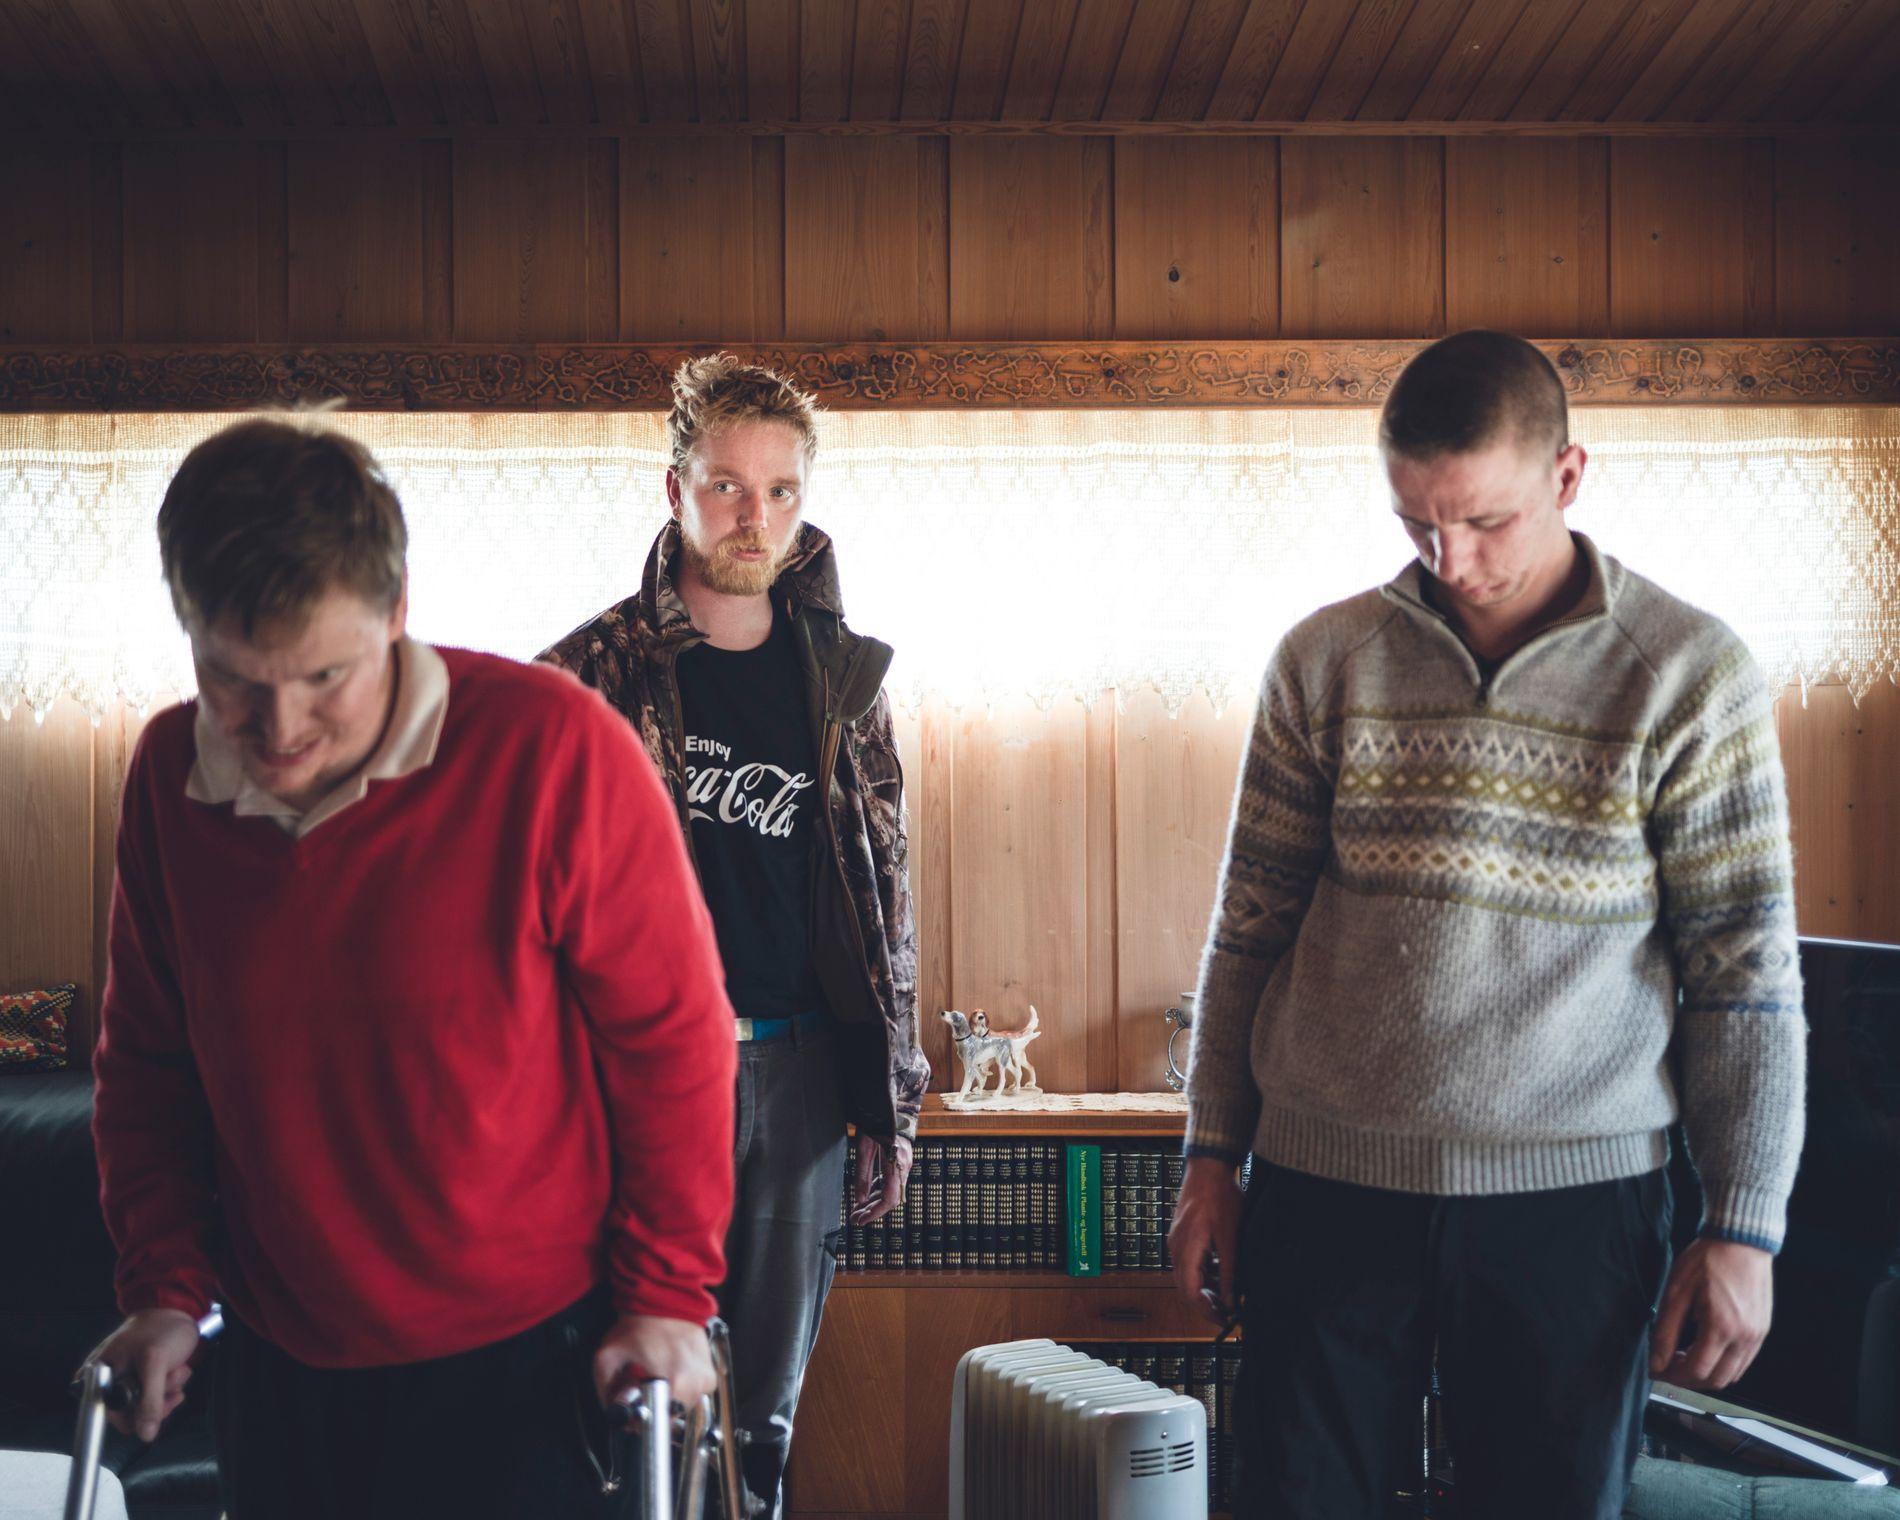 RÅDERETT: For halvannet år siden fikk Arvid (t.v.), Lars Peder og Magnus oppnevnt verger mot sin vilje. I dag ble det siste vergemålet opphevet.